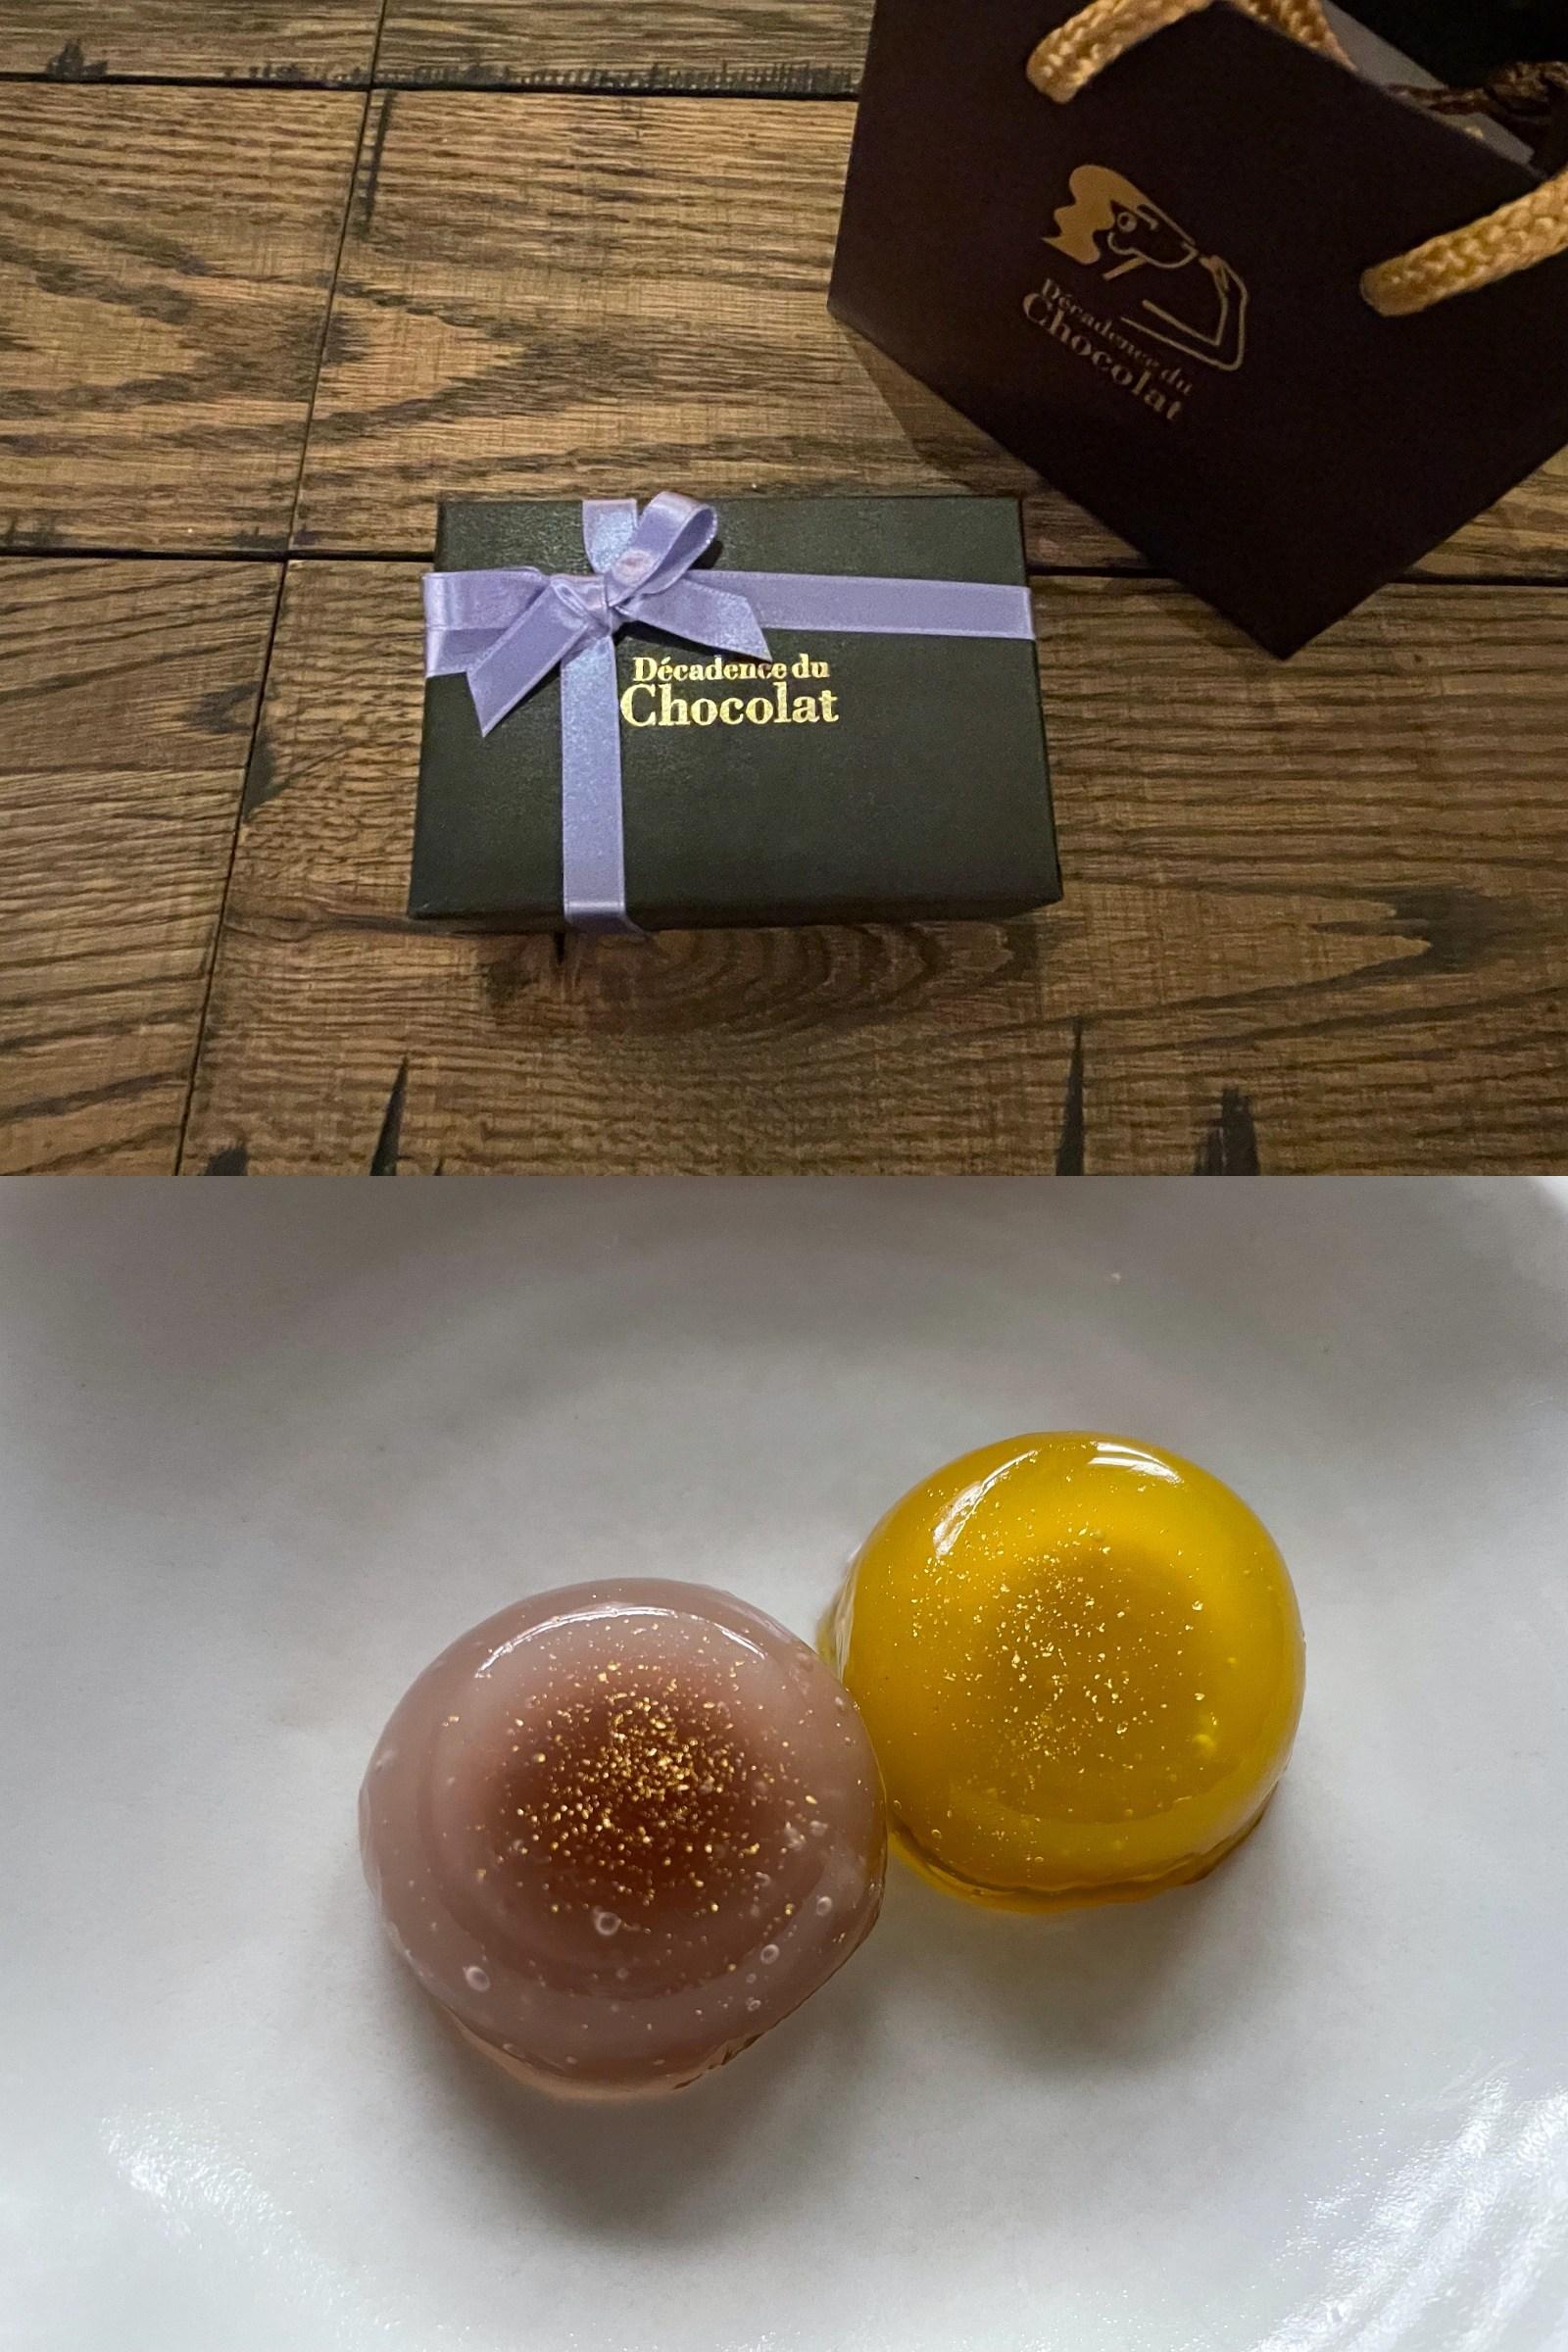 """デカダンス ドュ ショコラ""""ぷるんと冷たい変わり種のチョコの正体とは・・・?"""""""